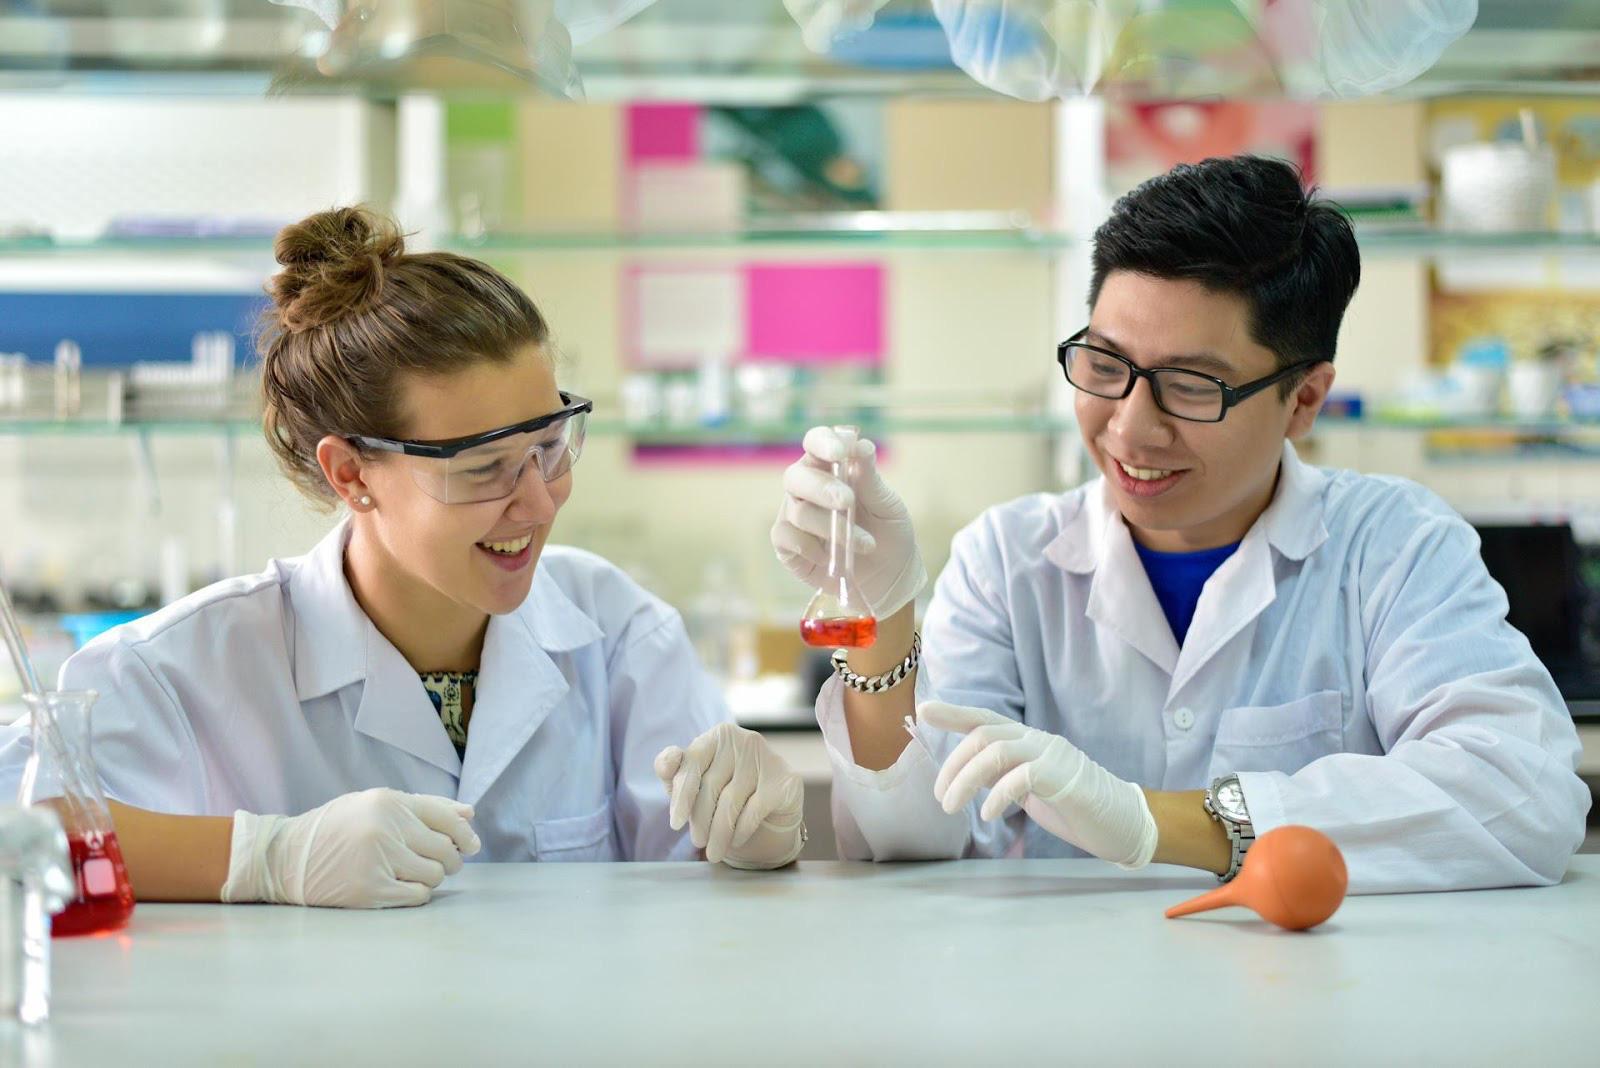 Giải mã lý do 2k3 đam mê khoa học đua nhau giành vé sớm làm tân sinh viên USTH mùa tuyển sinh 2021 - Ảnh 5.